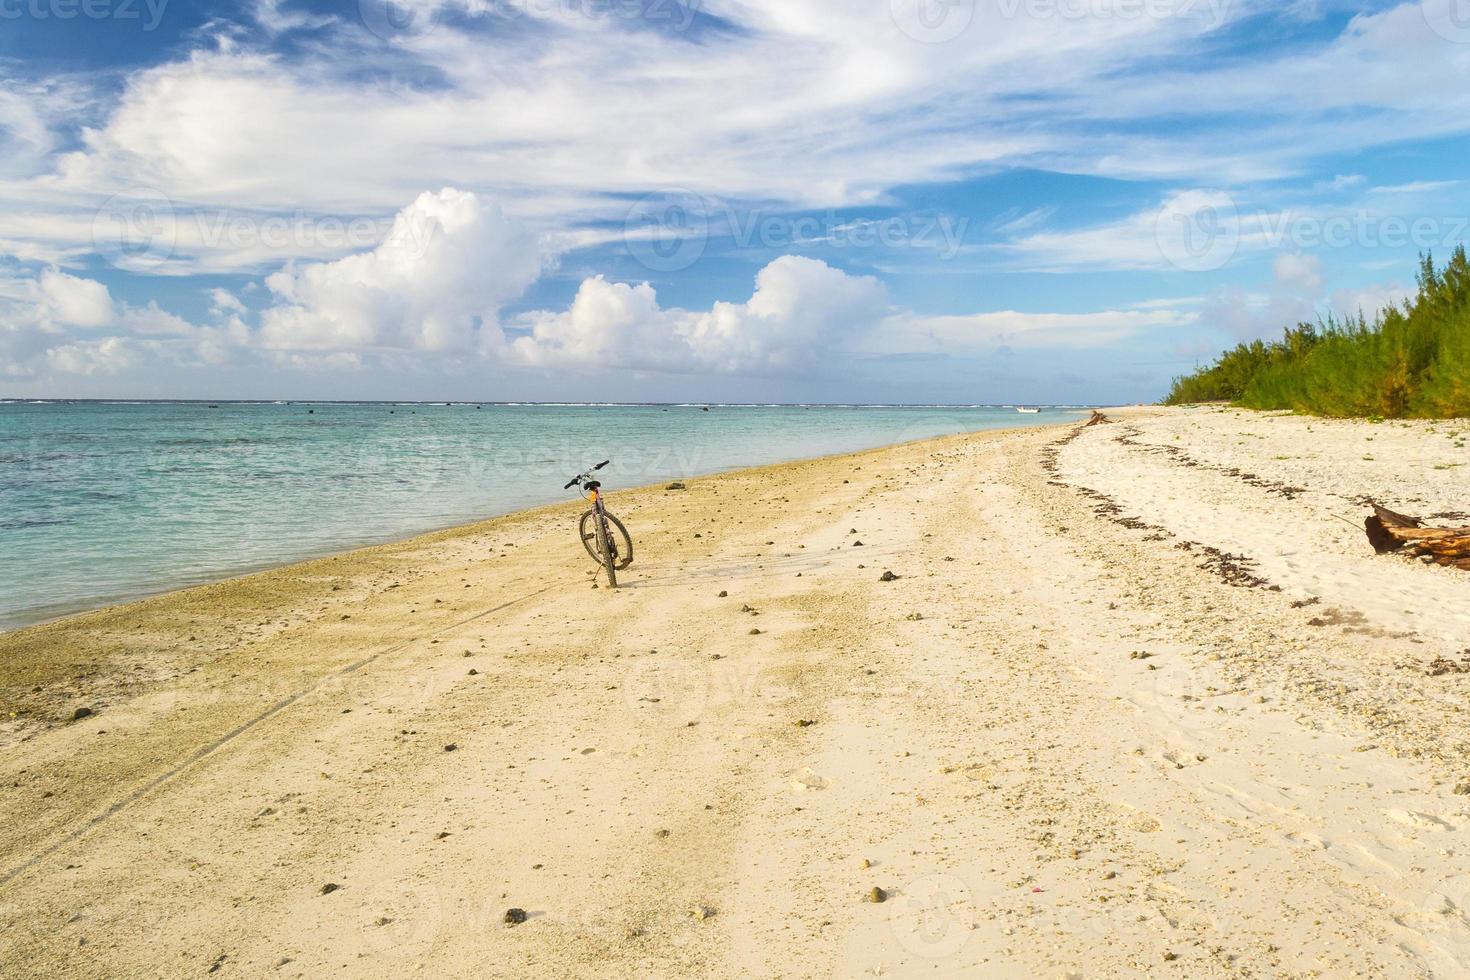 Bicicleta de empuje solitario en una playa desierta tropical foto